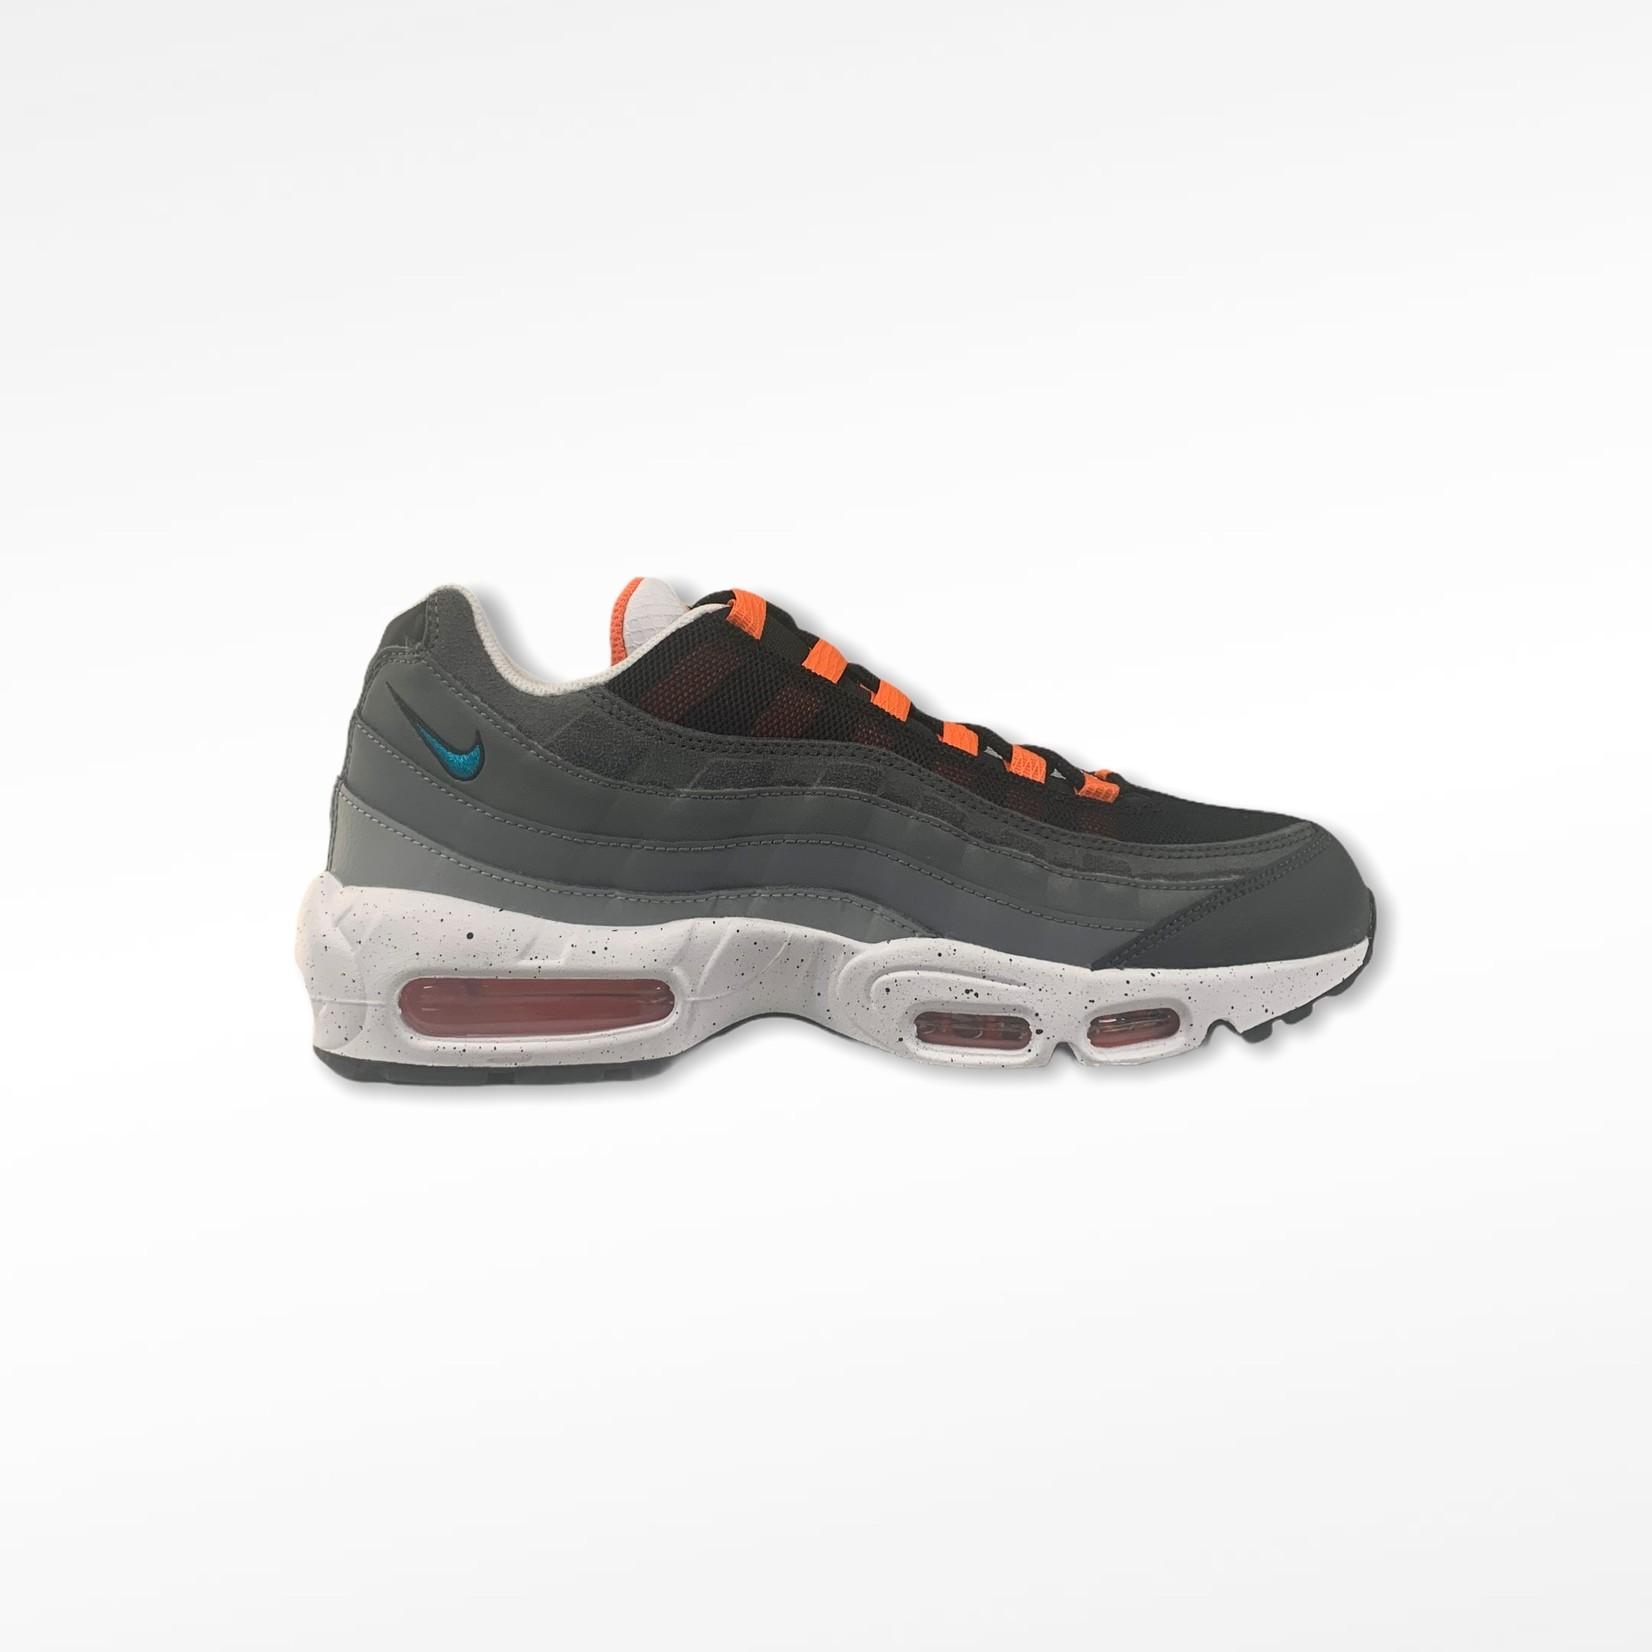 Mens Nike air max 95